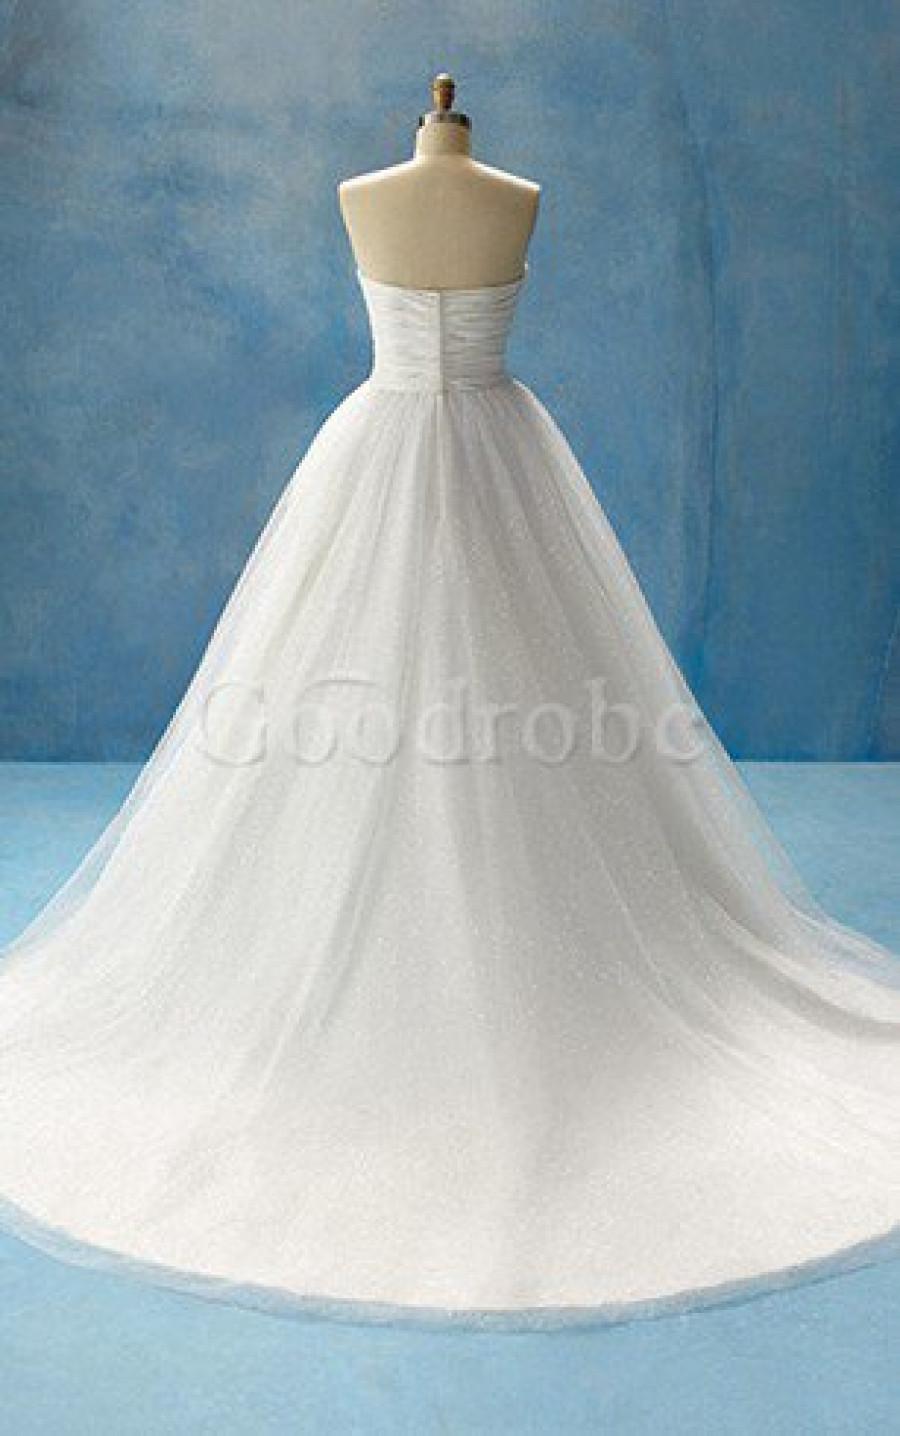 L'inspiration pour mon look de mariée était le glamour hollywoodien à l'ancienne